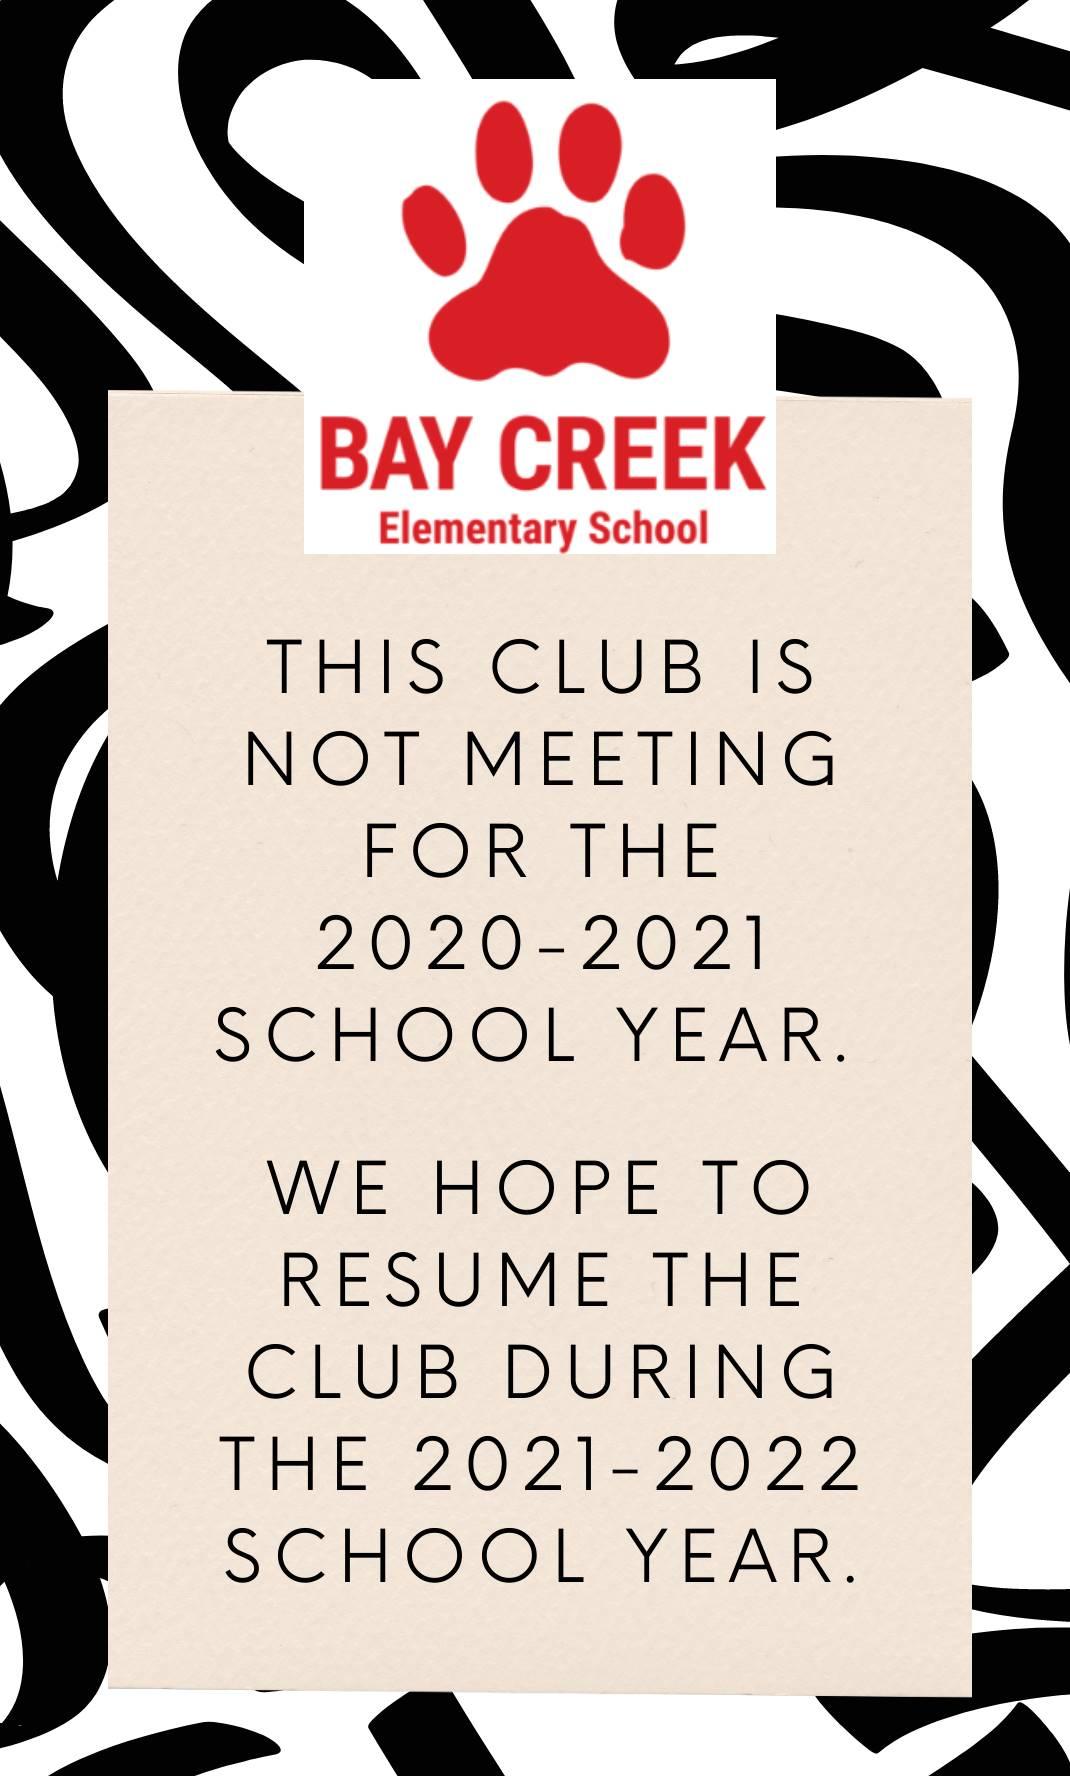 Club not meeting